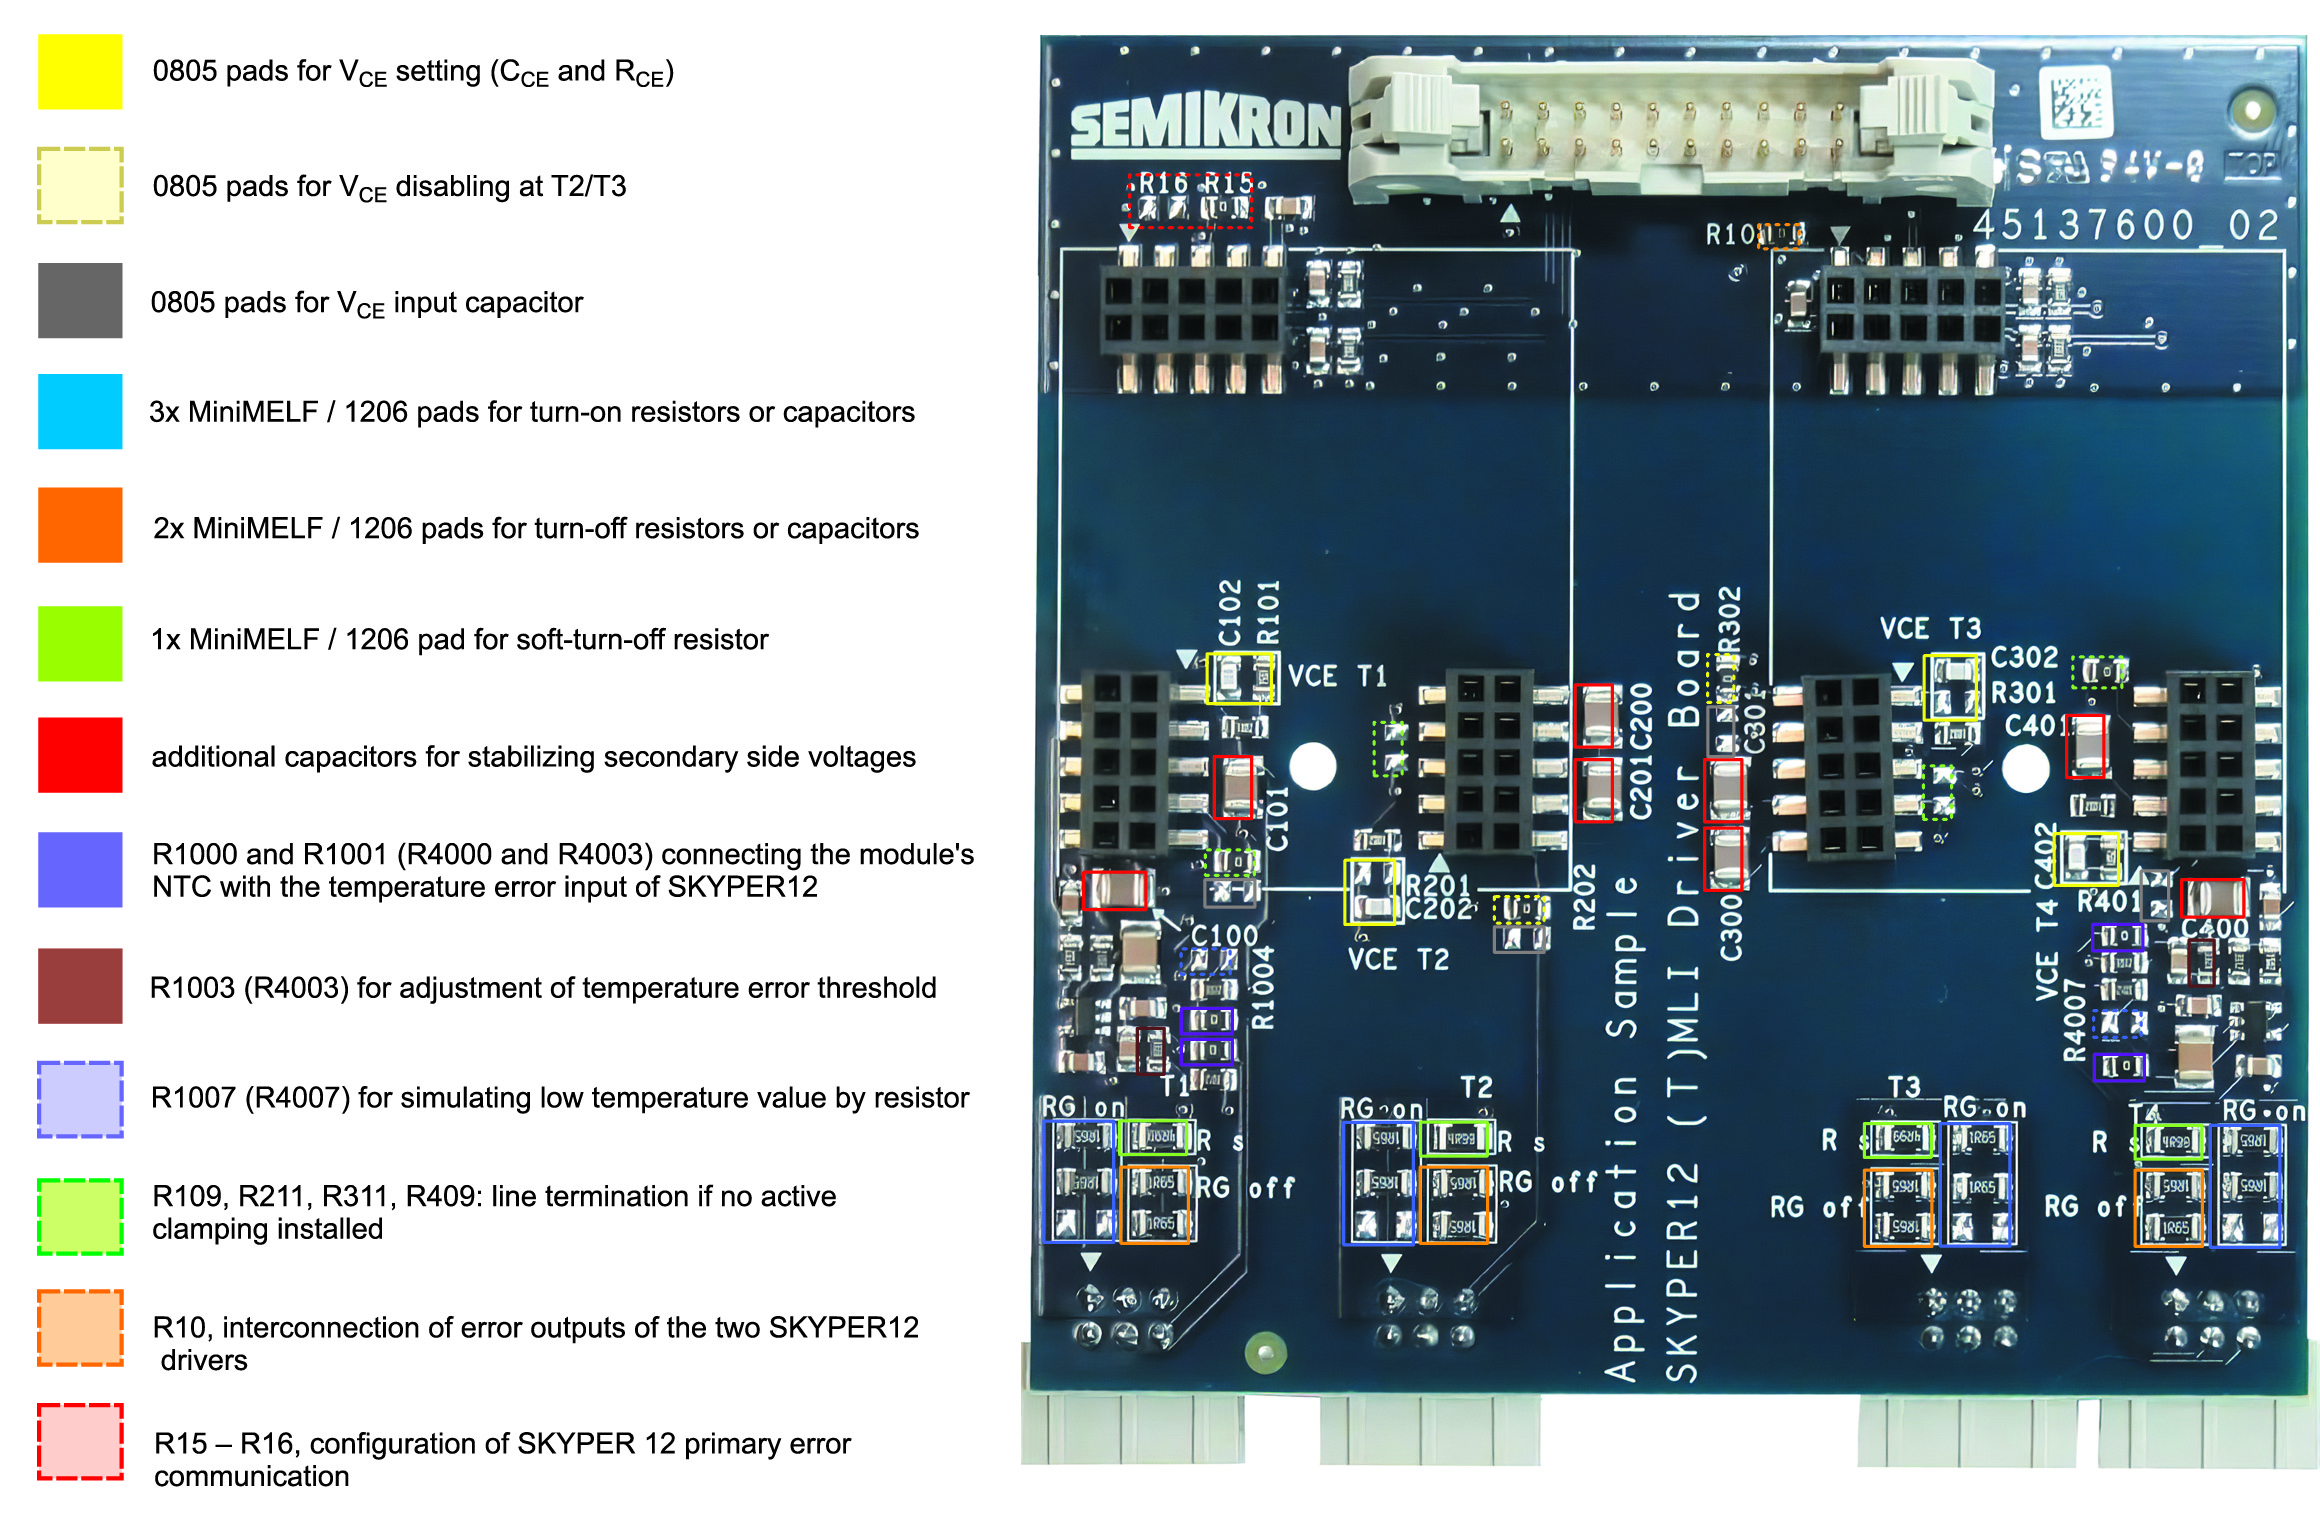 Плата SKYPER 12 (T)MLI Driver Board (вид сверху). Подборные элементы выделены цветными рамками